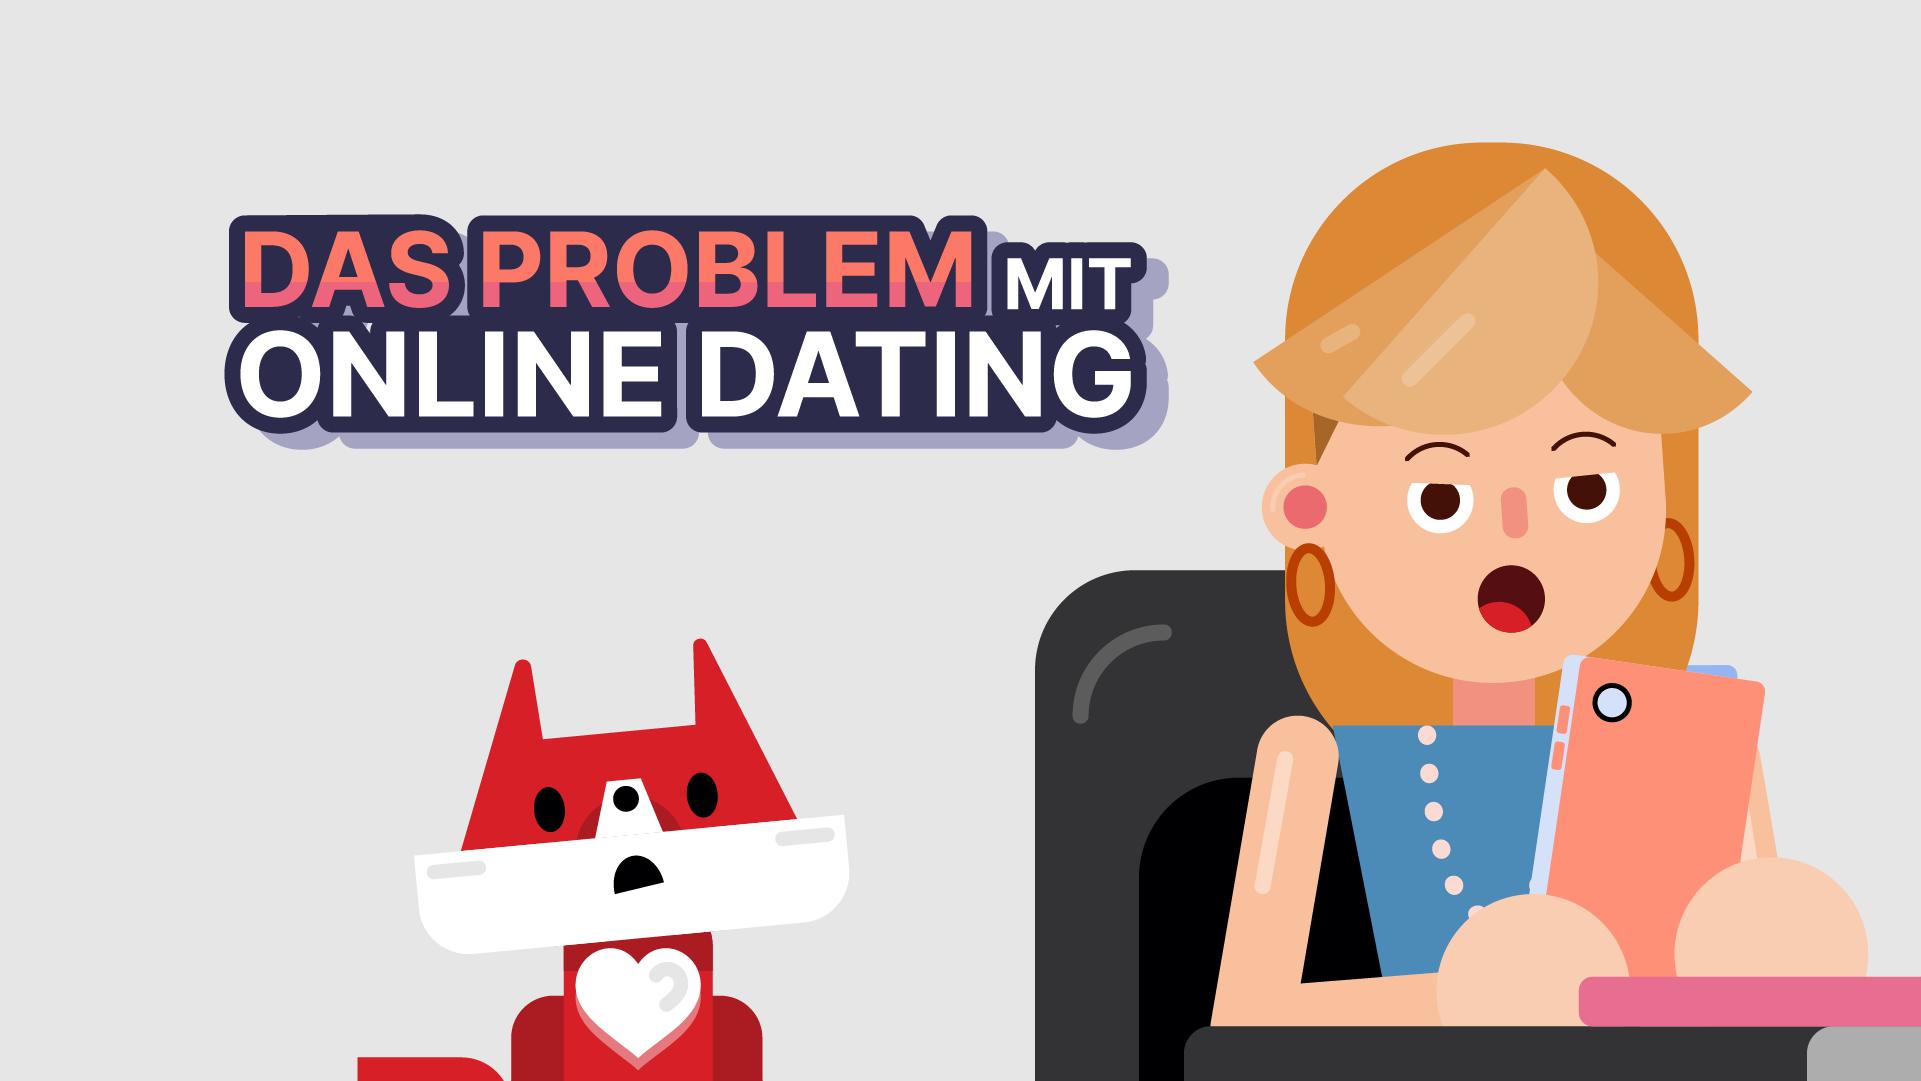 Probleme mit online-dating